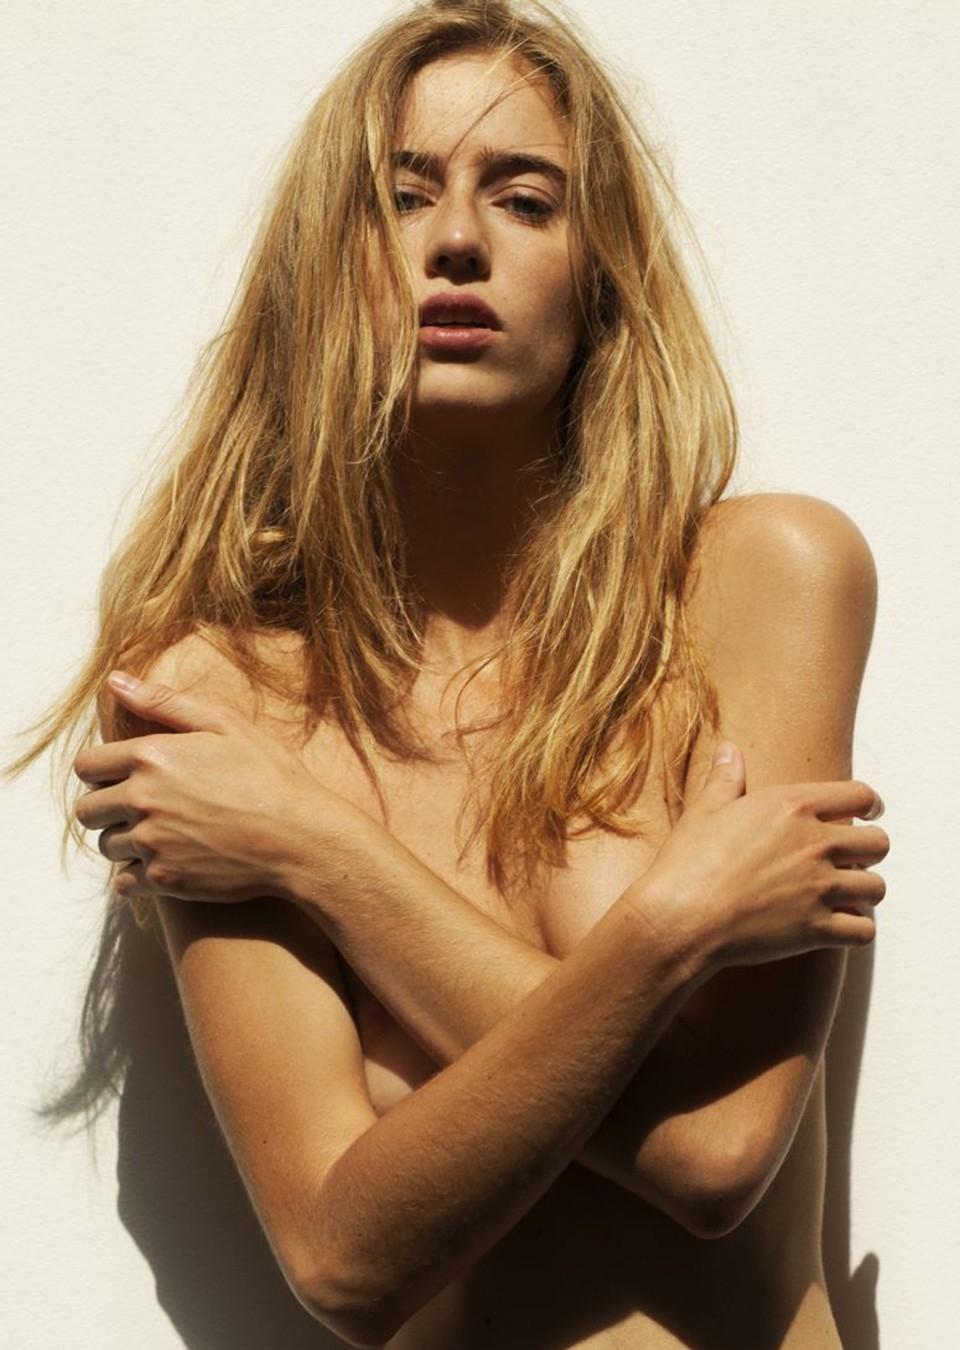 Bikini Katja Krasavice  nude (39 photo), Facebook, underwear